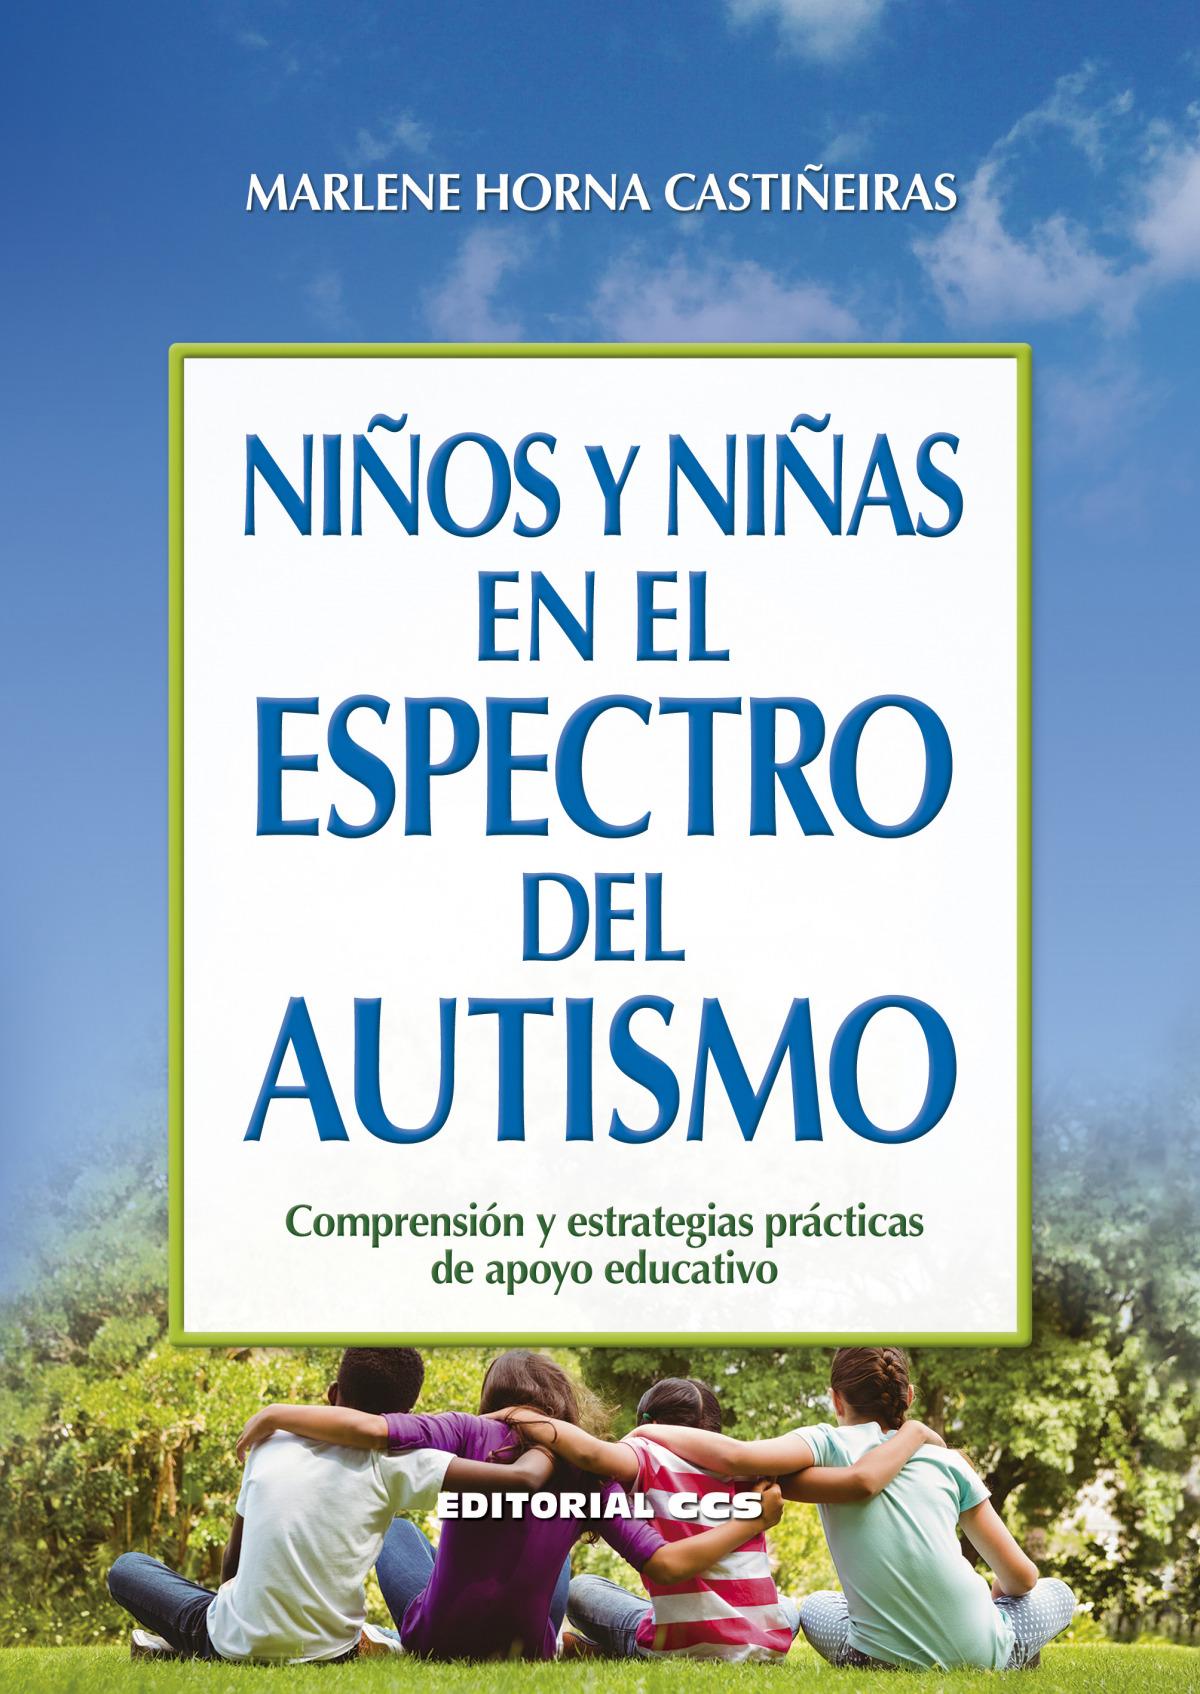 Niños y niñas en el espectro del autismo